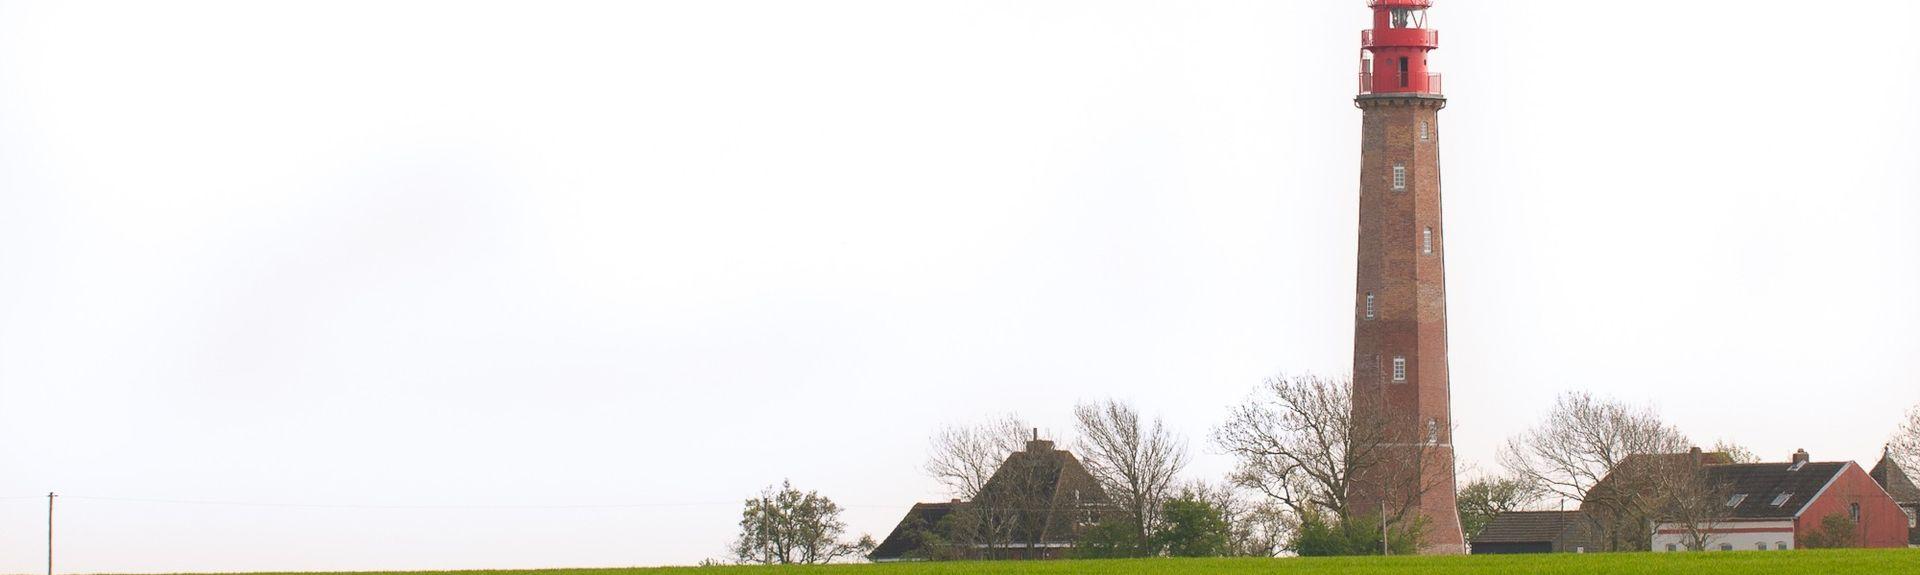 Neue Tiefe, Fehmarn, Schleswig-Holstein, Germany